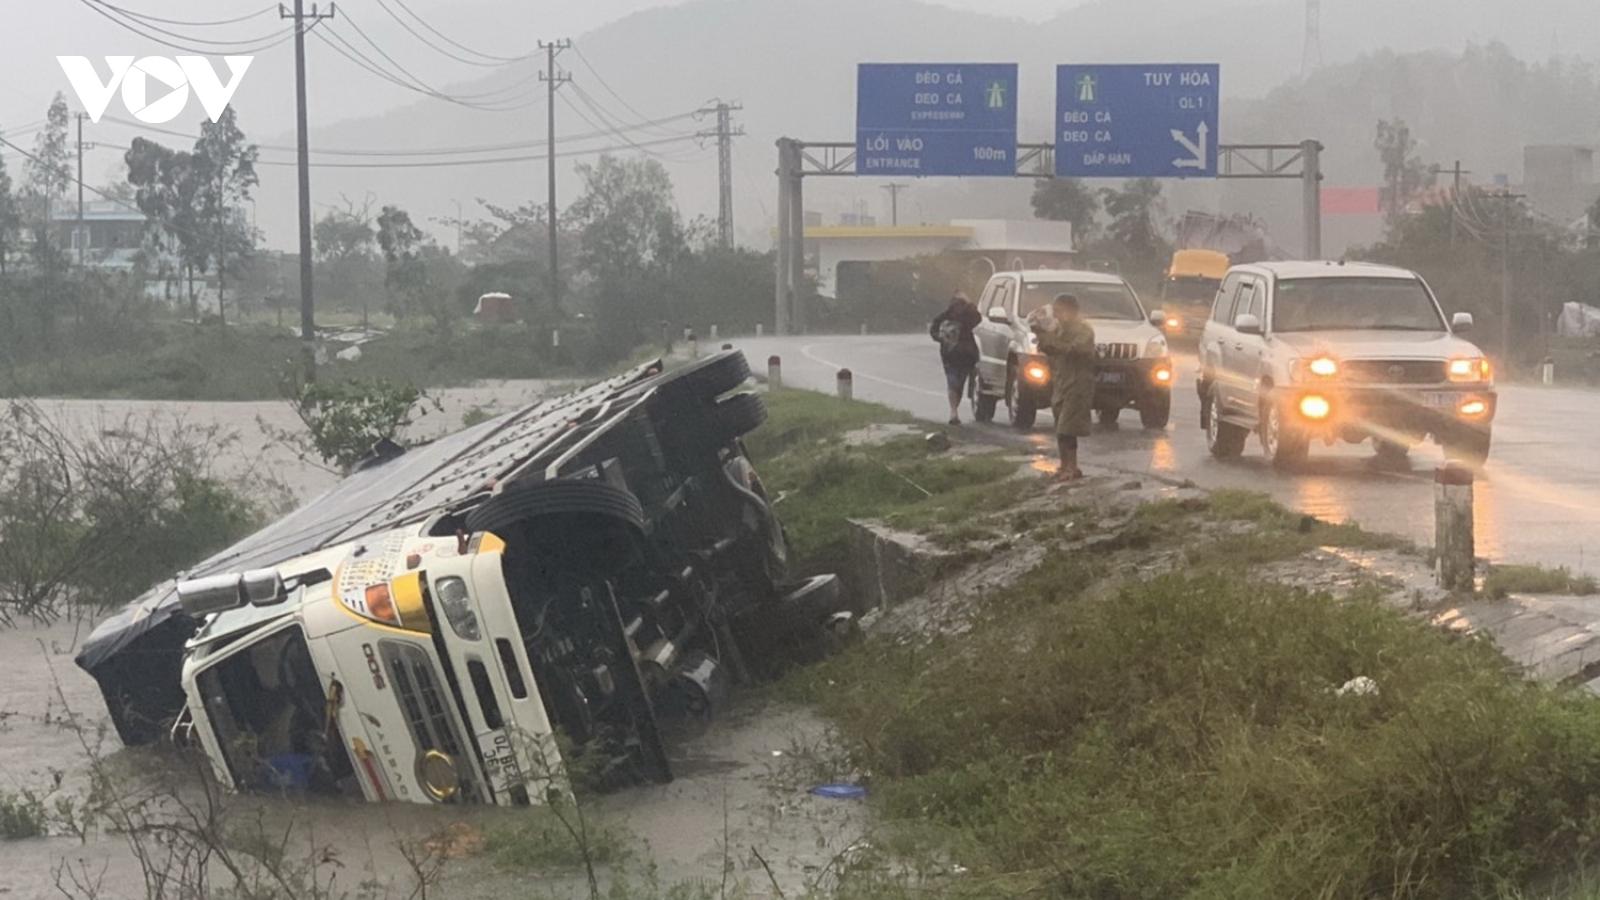 Bão số 12 gây mưa lớn, nhiều nhà tốc mái, mất điện trên diện rộng ở Phú Yên